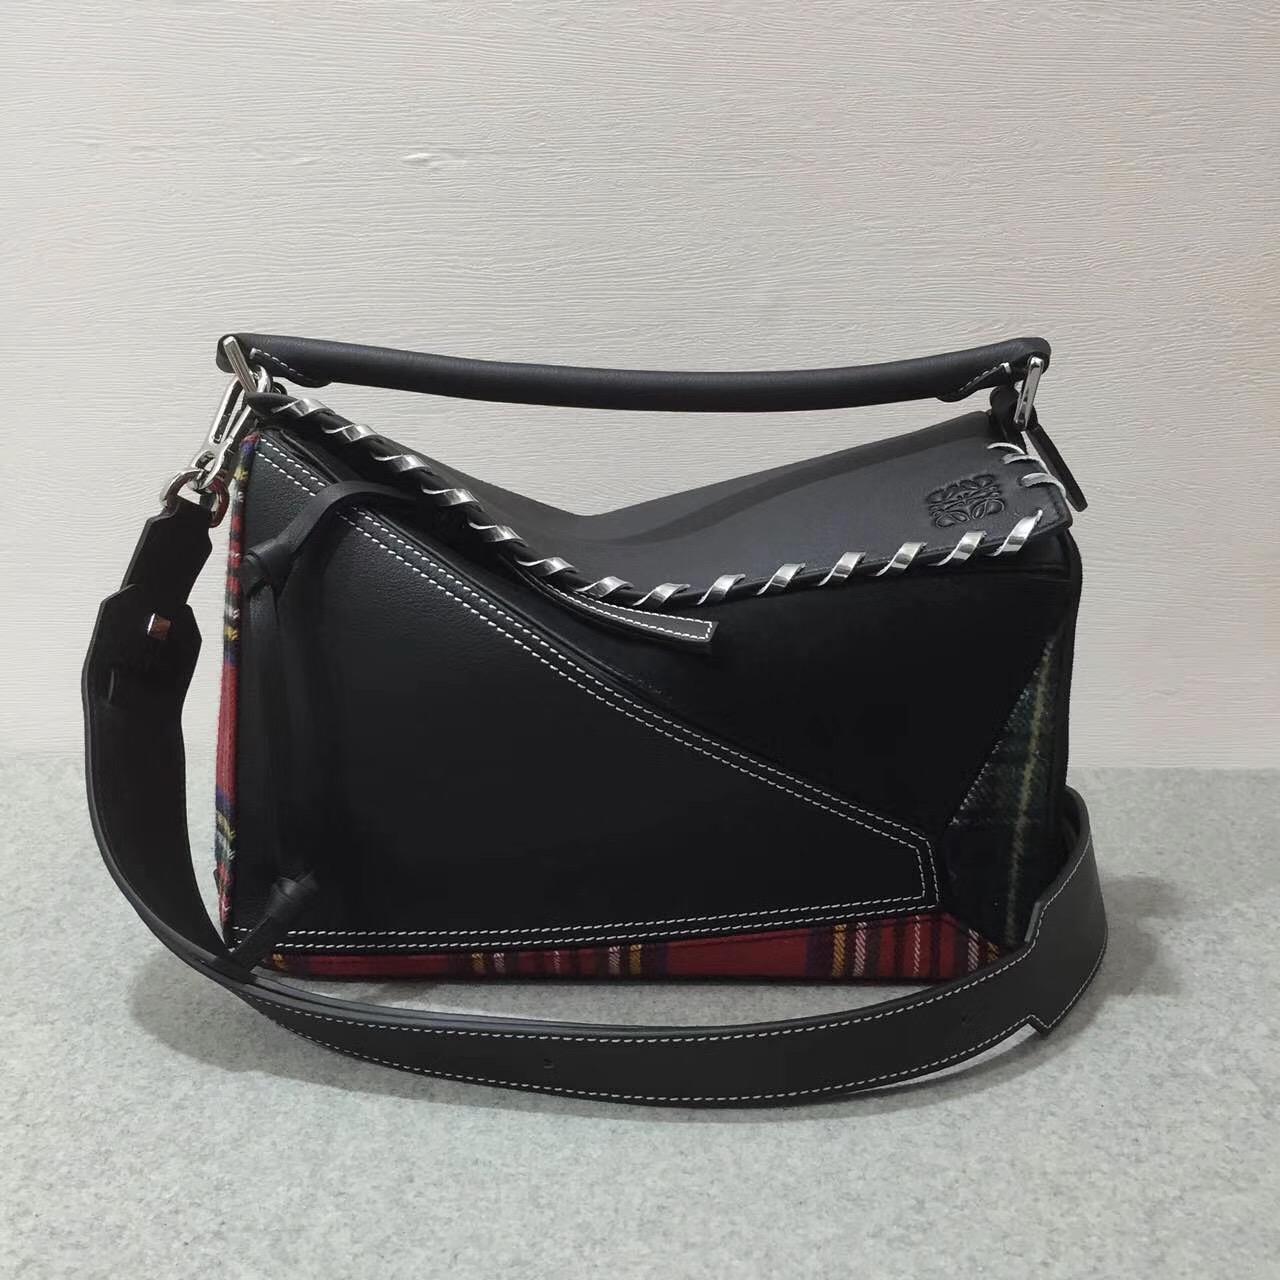 羅意威幾何包 loewe Puzzle Tartan Bag Black/Multicolor Tartan